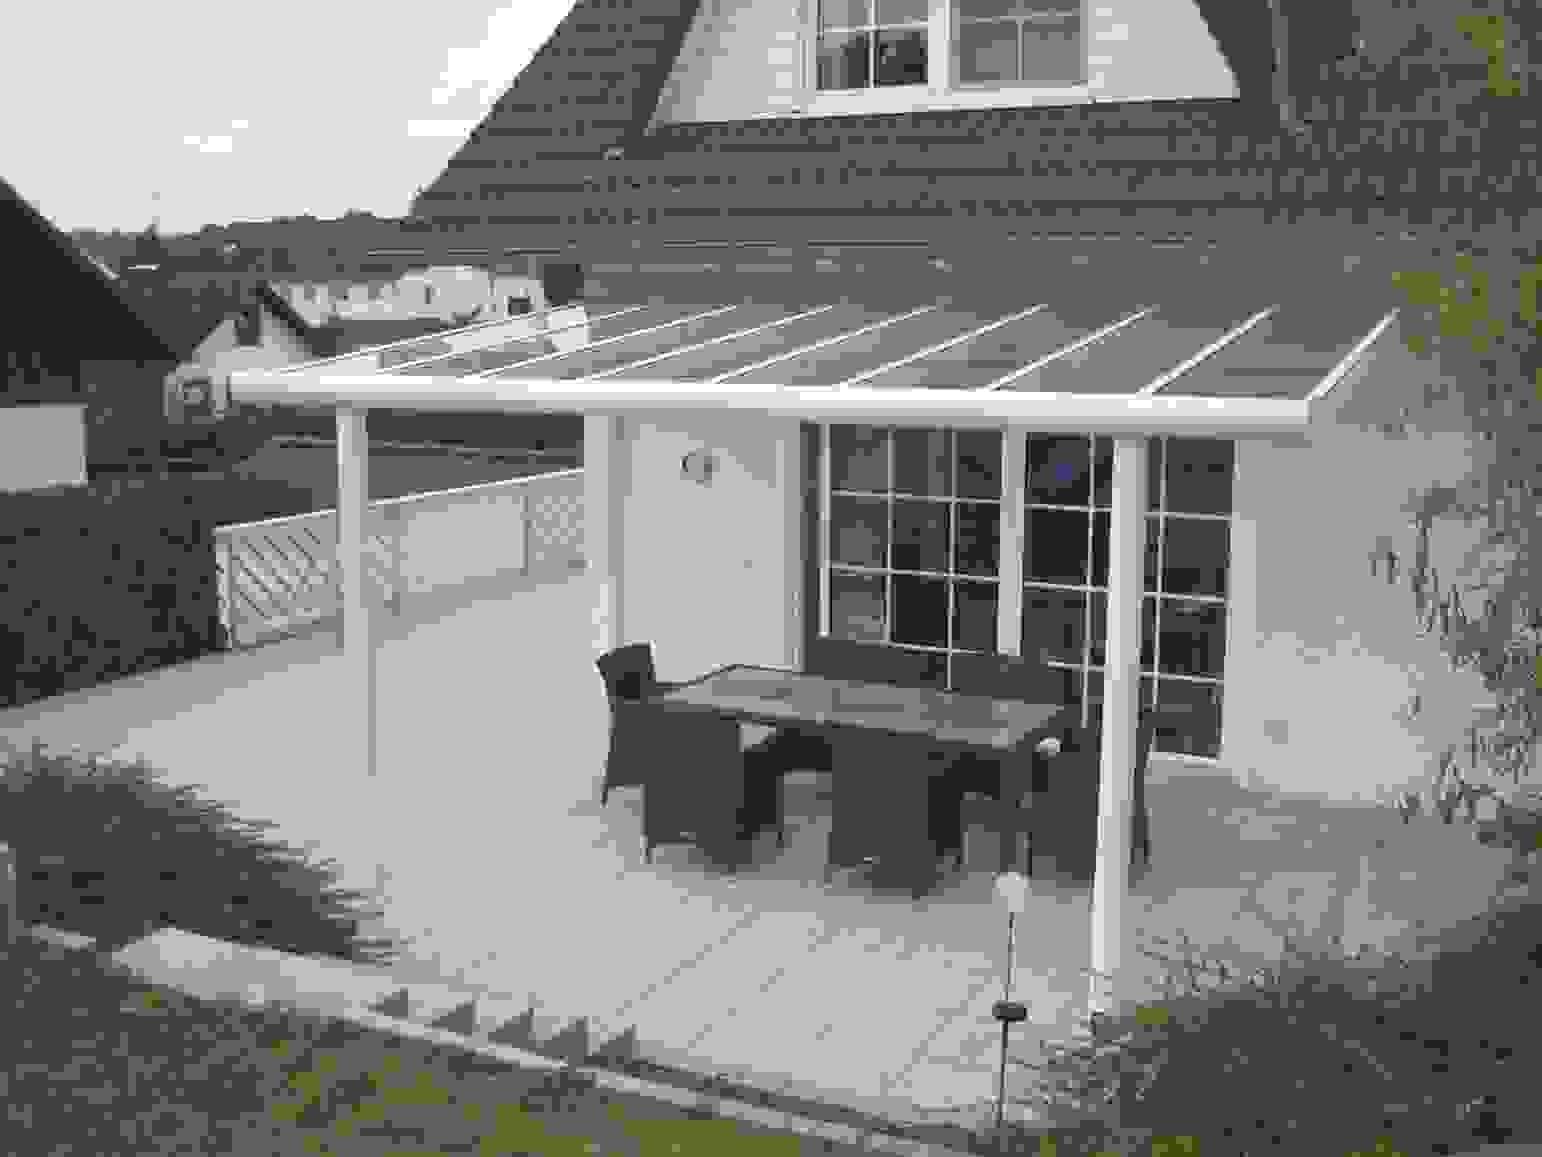 Aufbau Einer Leimholz Terrassenüberdachung For Selbst Ist Frisch von Terrassenüberdachung Günstig Selber Bauen Bild